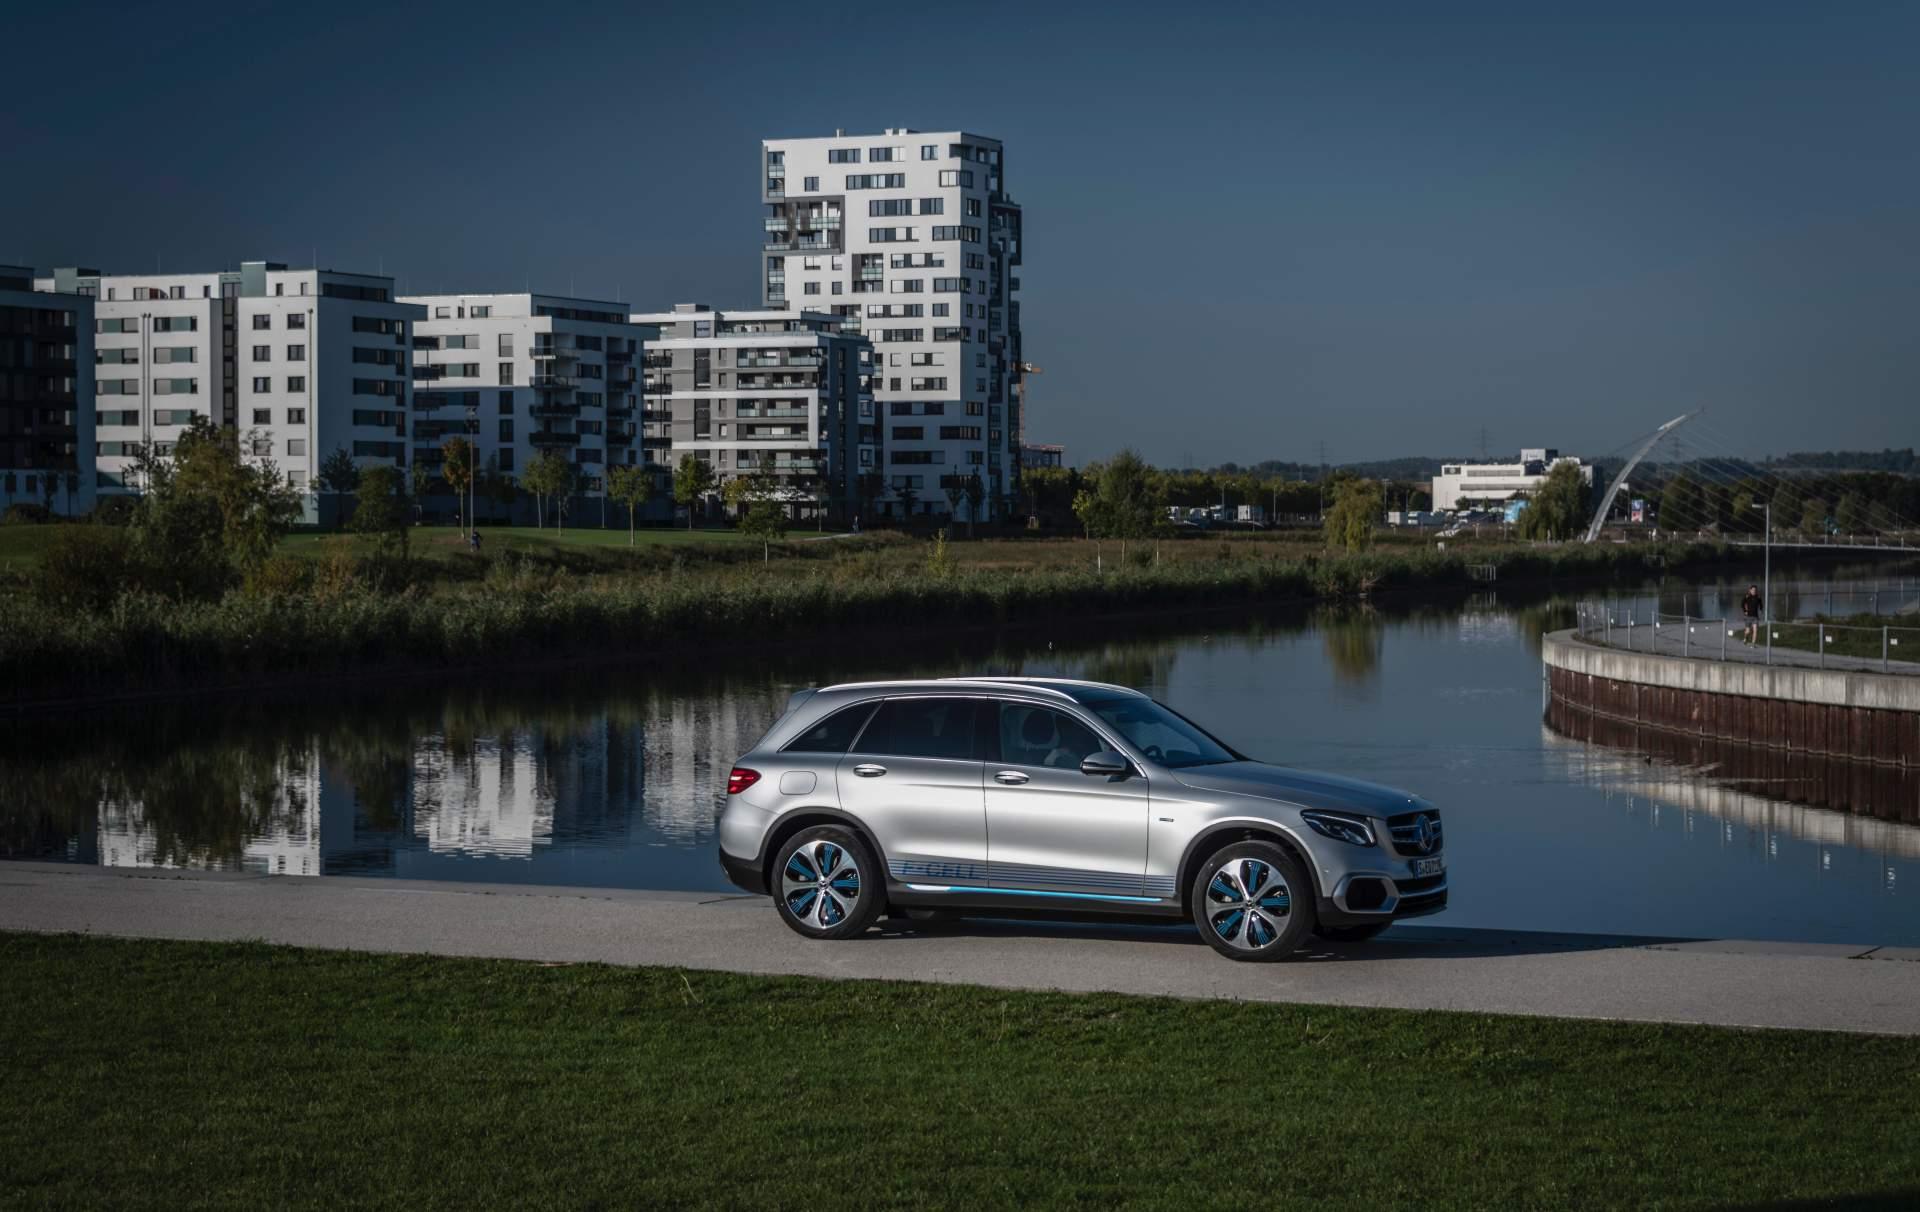 2019_Mercedes_GLC_F-Cell_0065